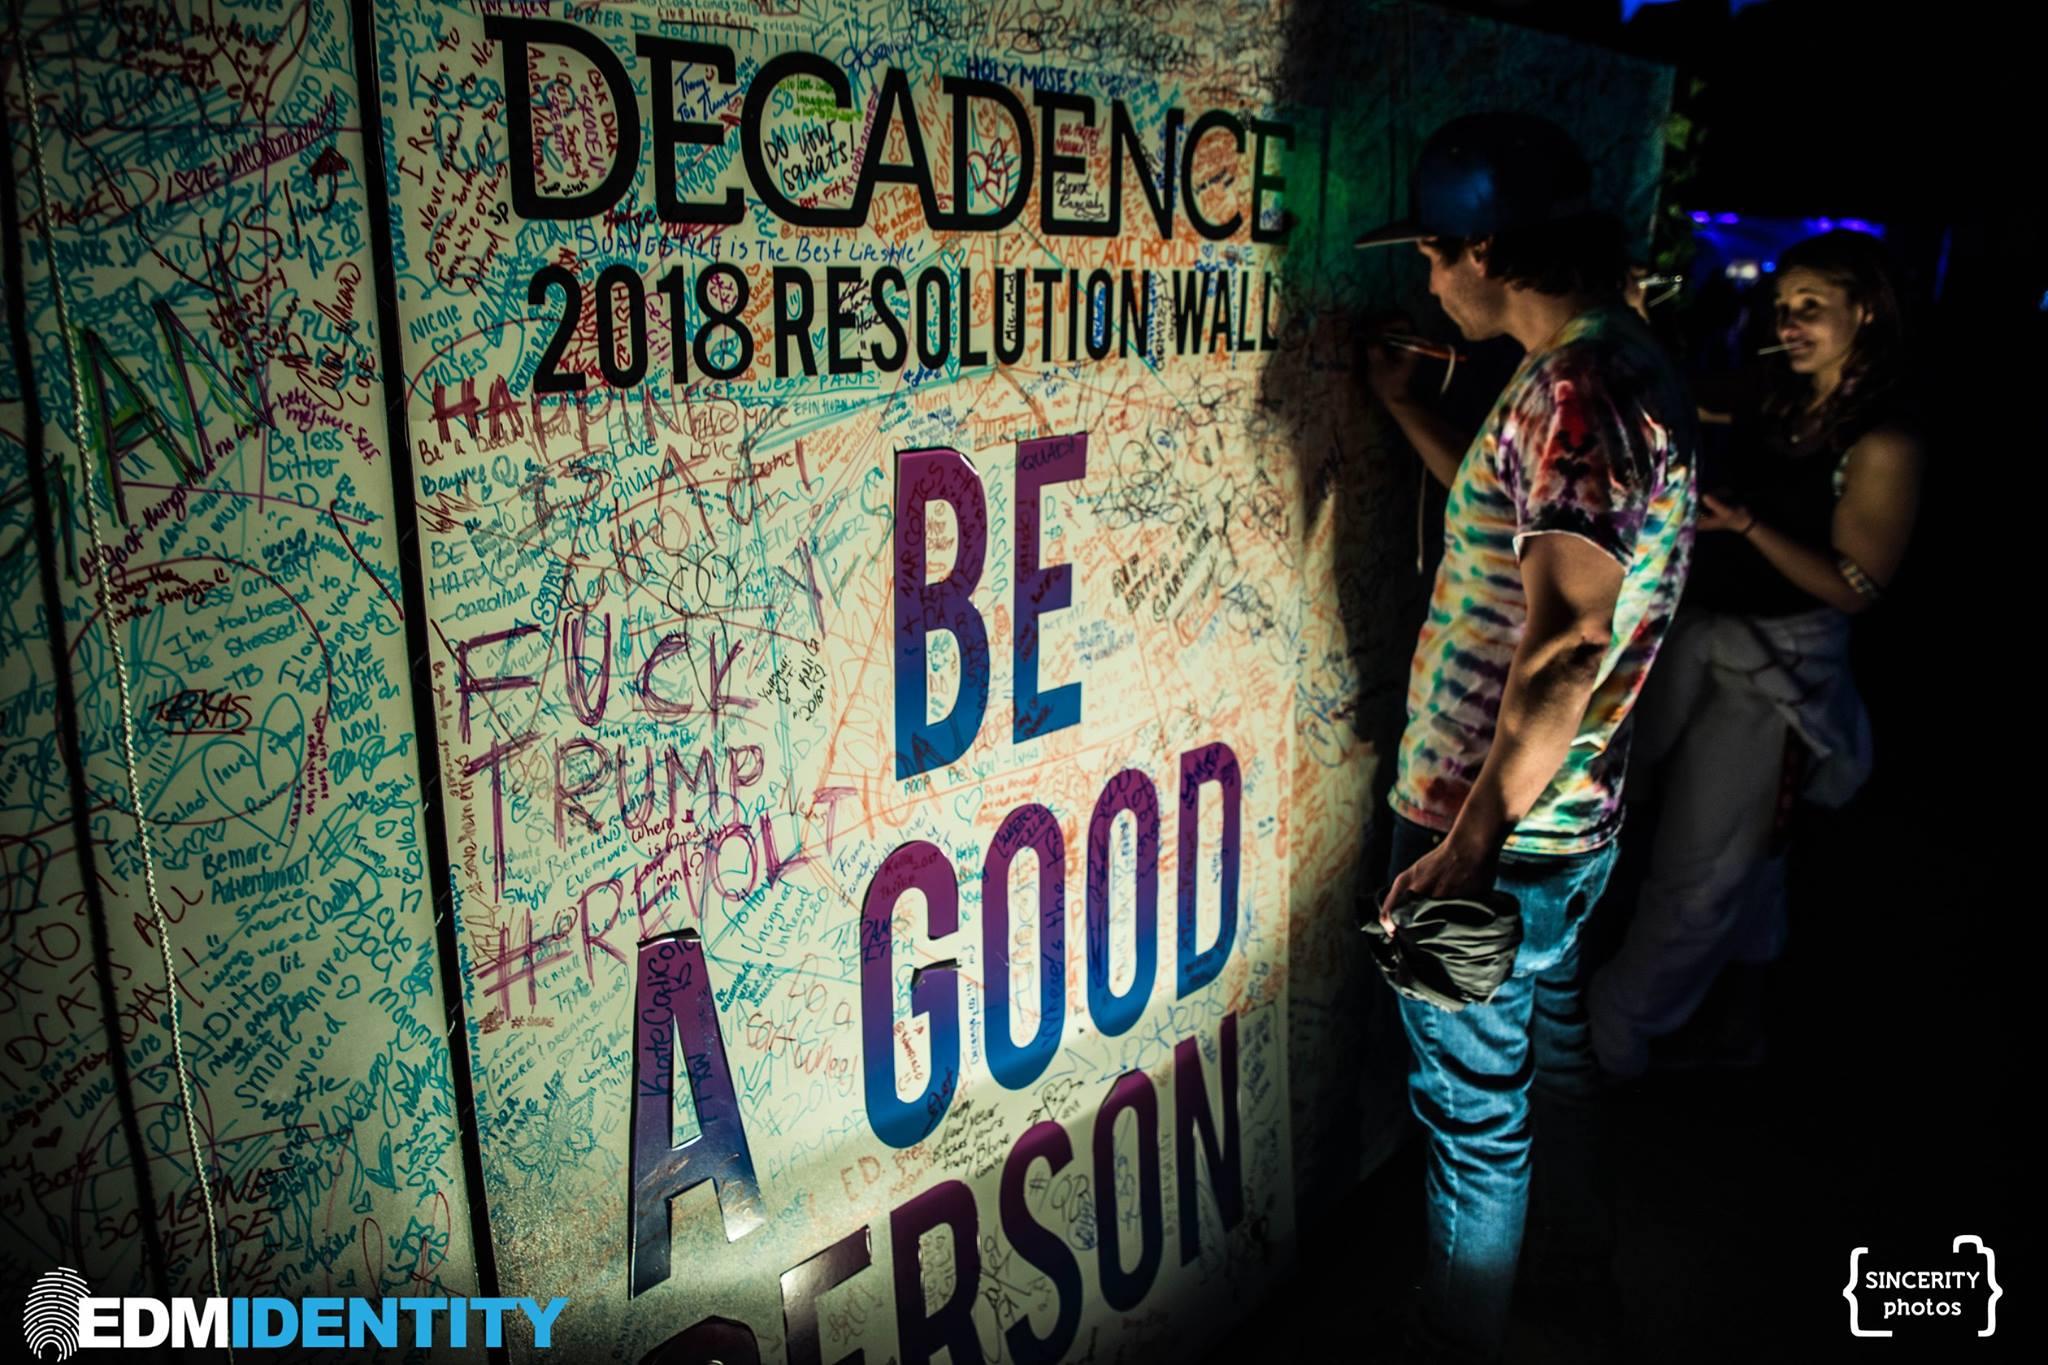 Decadence Colorado Resolution Wall